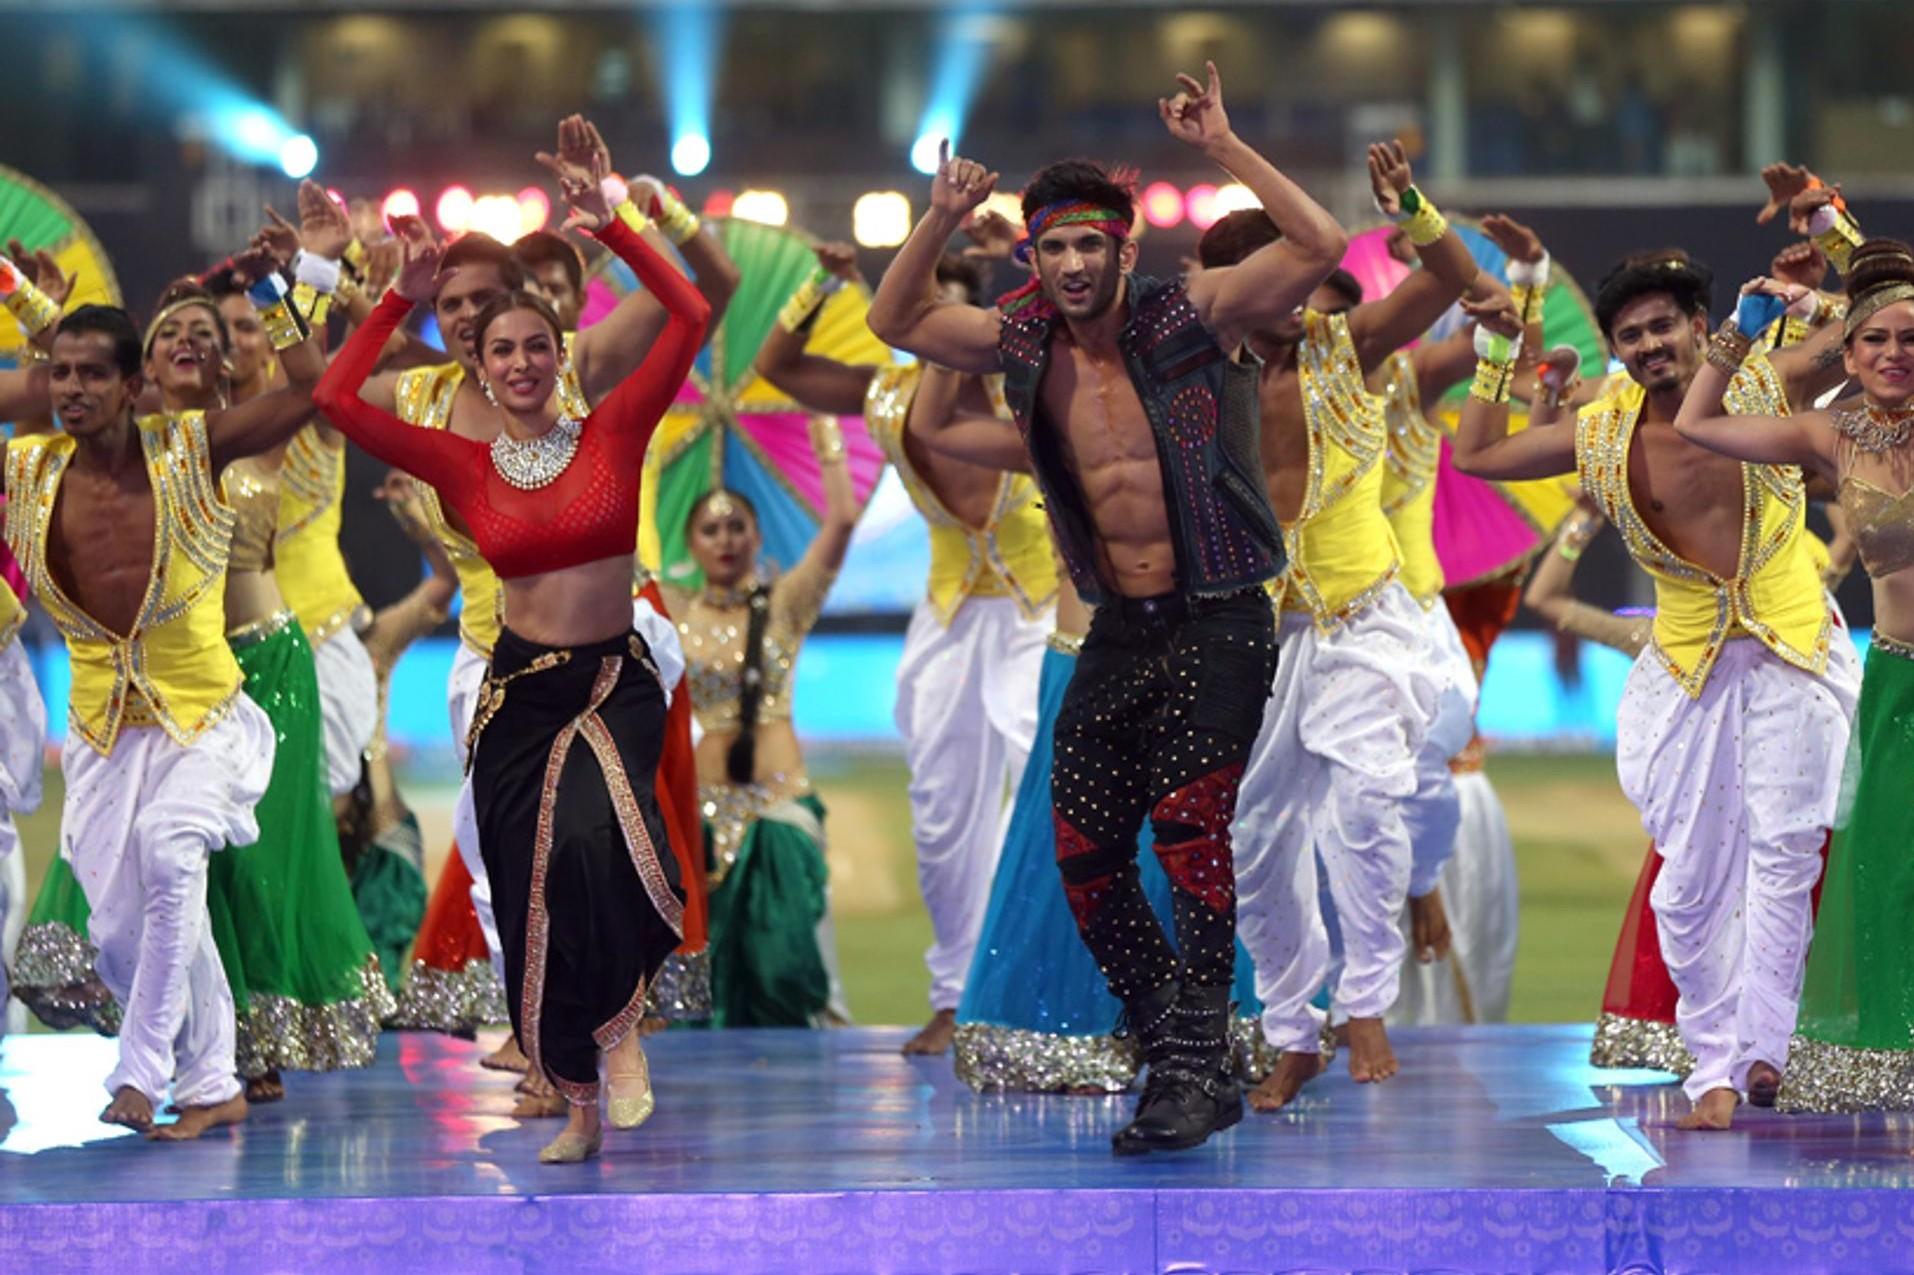 Photos: IPL10: वानखेड़े स्टेडियम में सुशांत सिंह राजपूत और मलाइका अरोड़ा ने बांधा समा